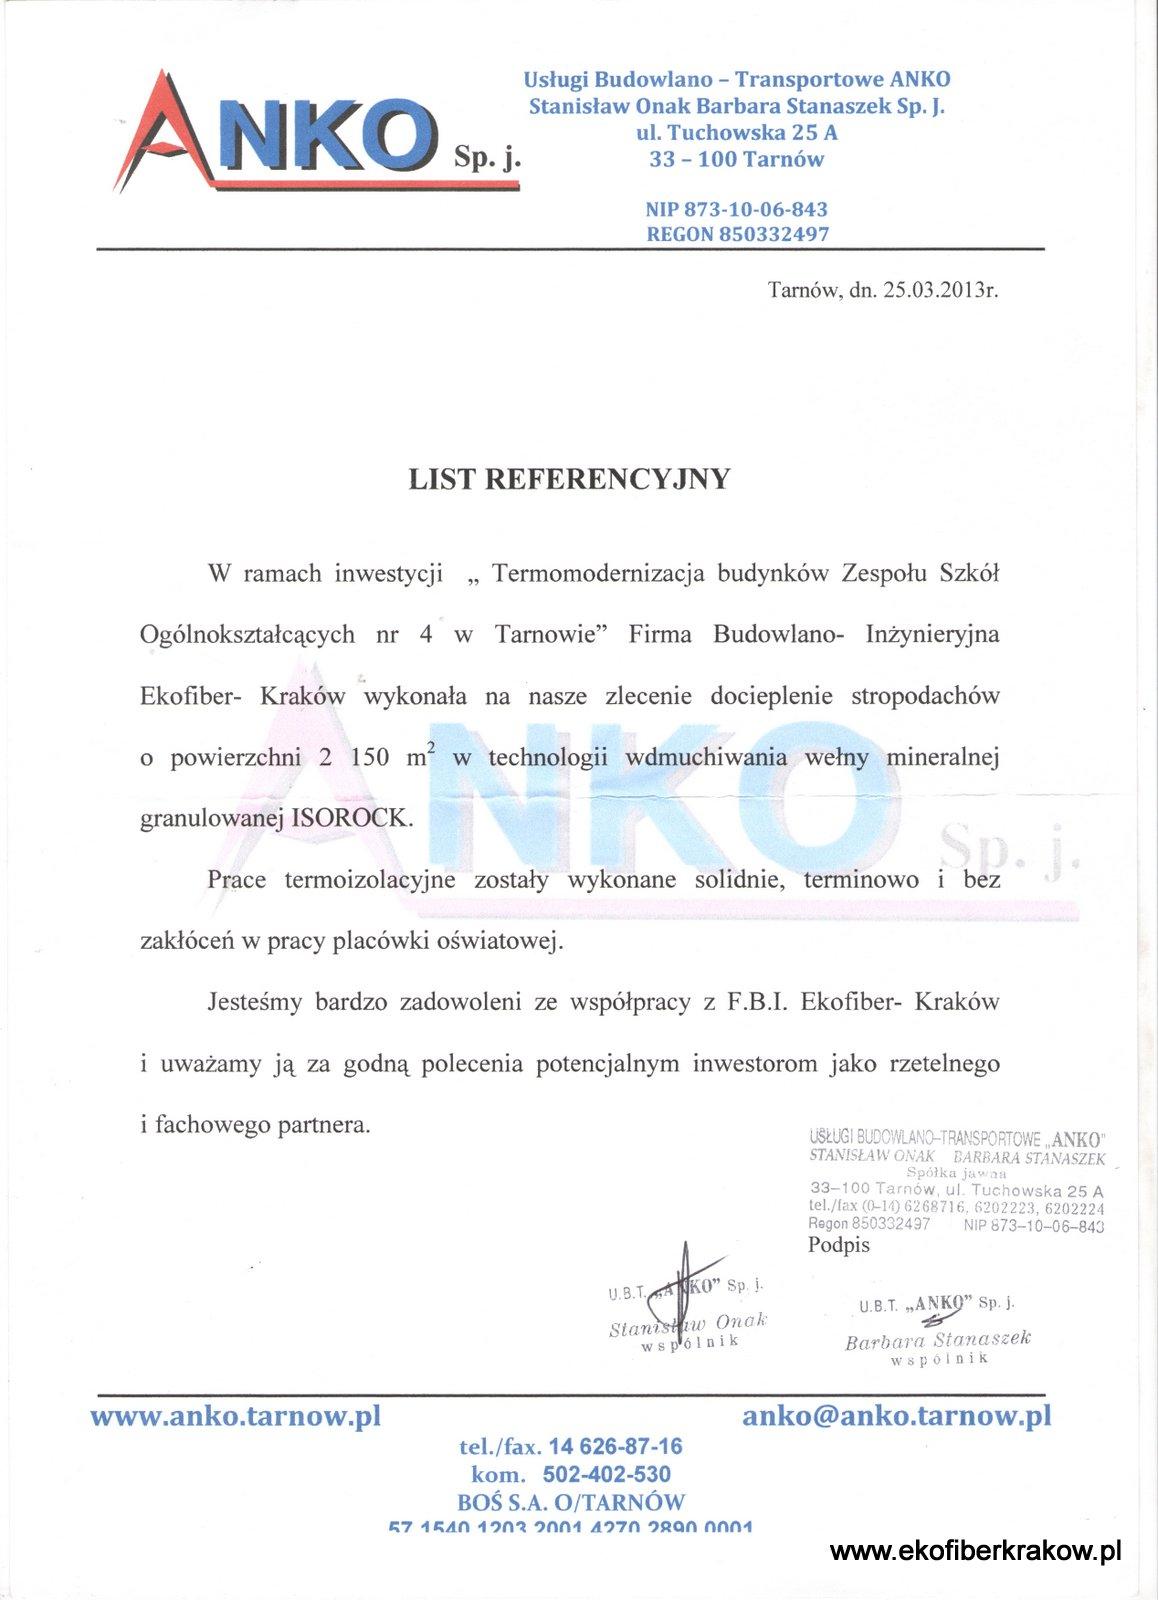 Referencje Anko Tarnów